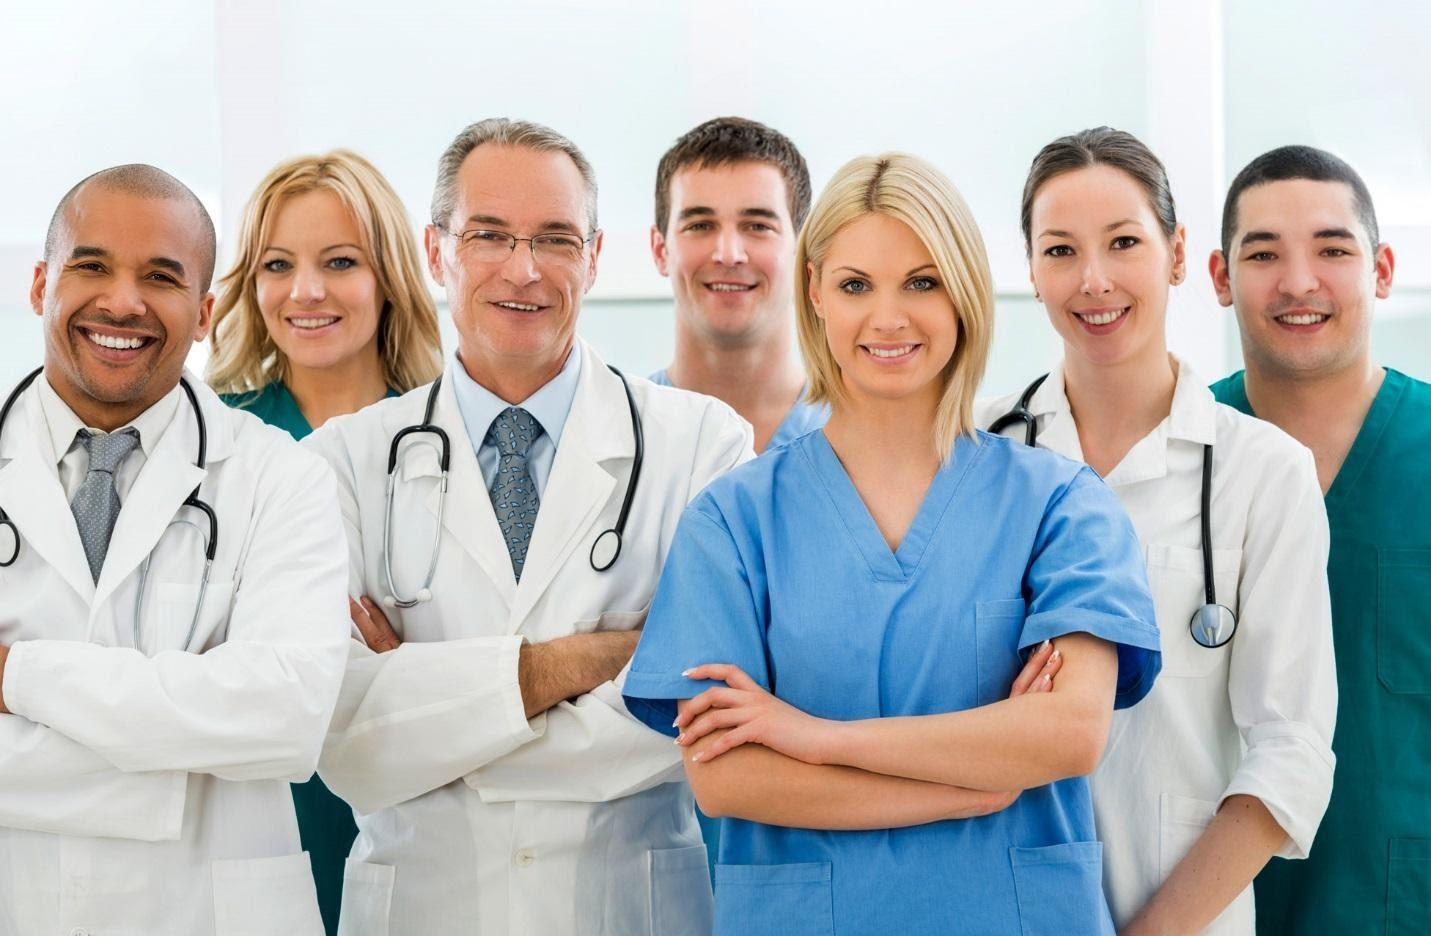 Фото врачей разных специальностей